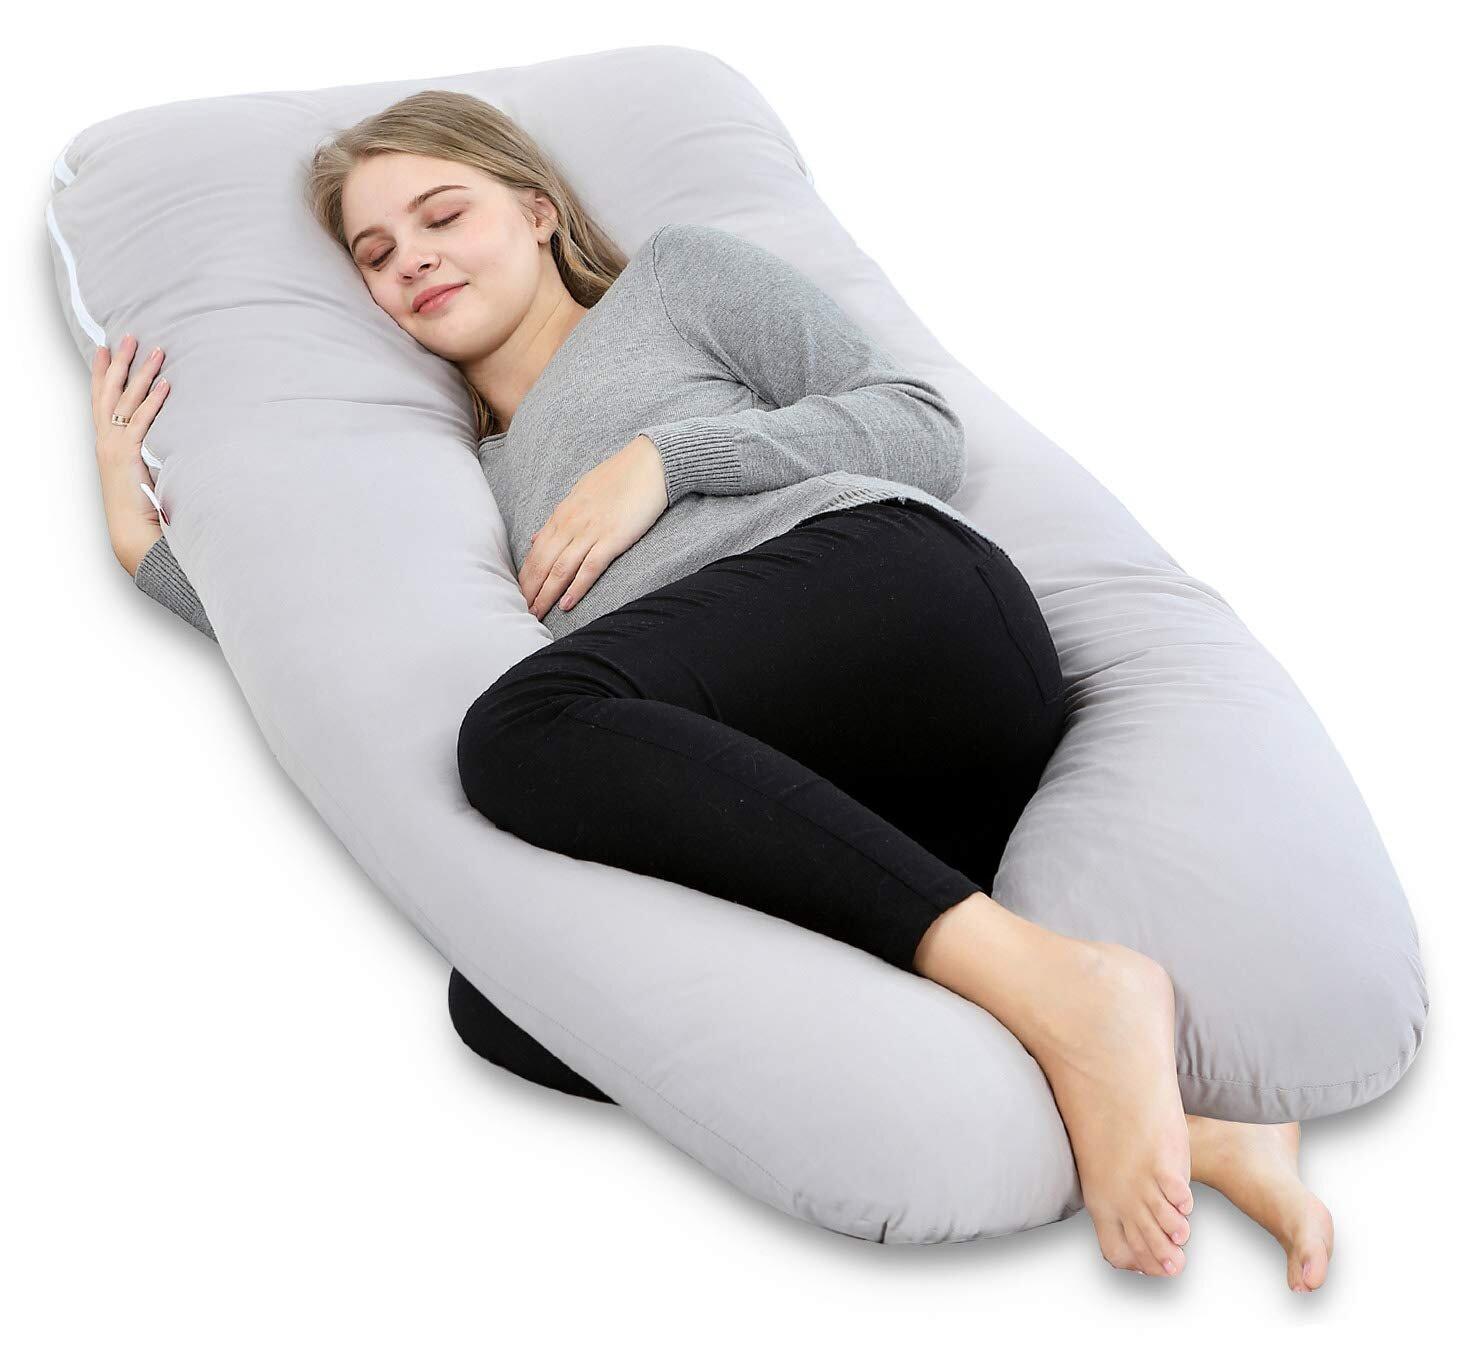 Việc sử dụng gối hình chữ U giúp bà bầu ngủ ngon giấc hơn